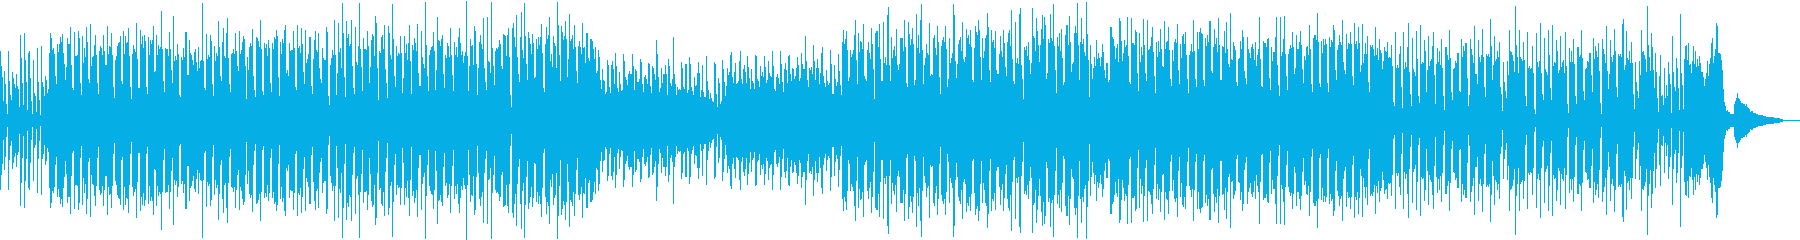 怪しいハロウィンおばけパーティBGMの再生済みの波形